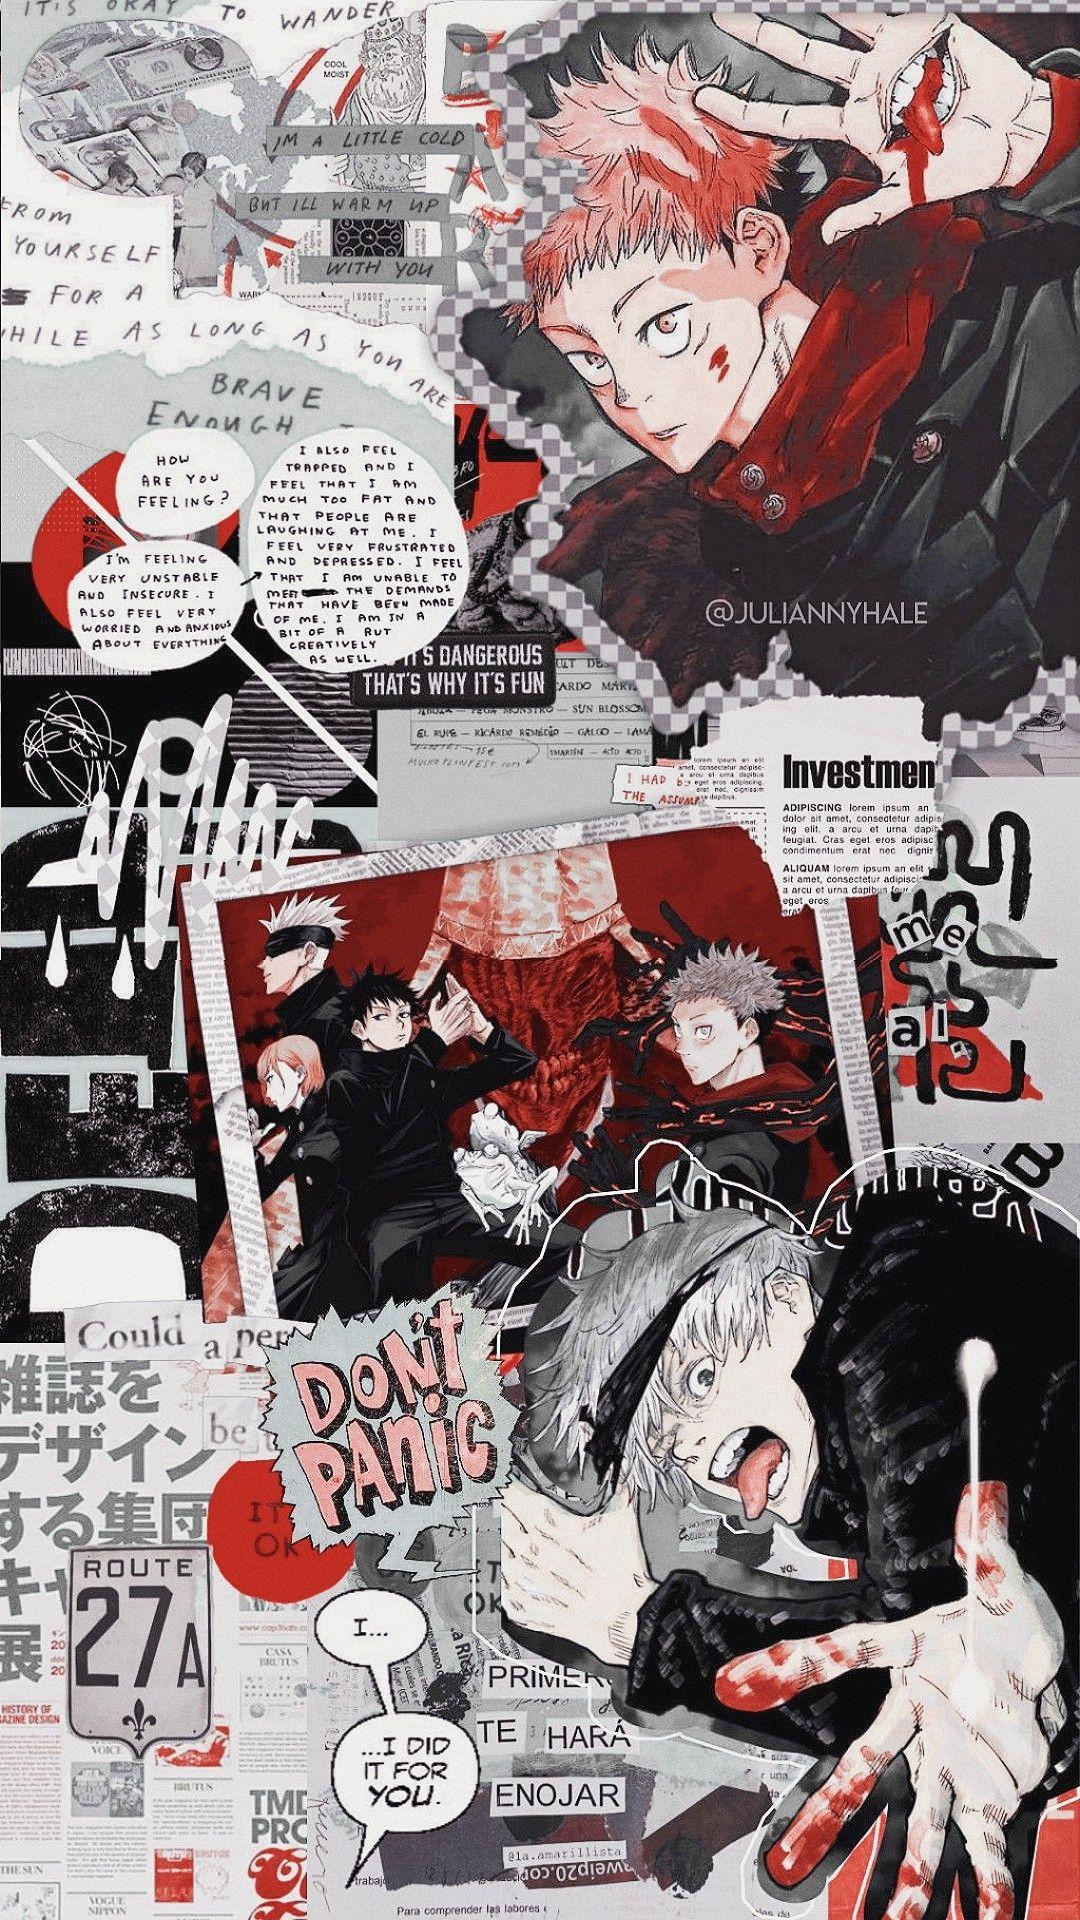 Jujutsu Kaisen wallpaper(画像あり) かっこいい 壁紙 アニメ, かっこいい壁紙, 壁紙 アニメ